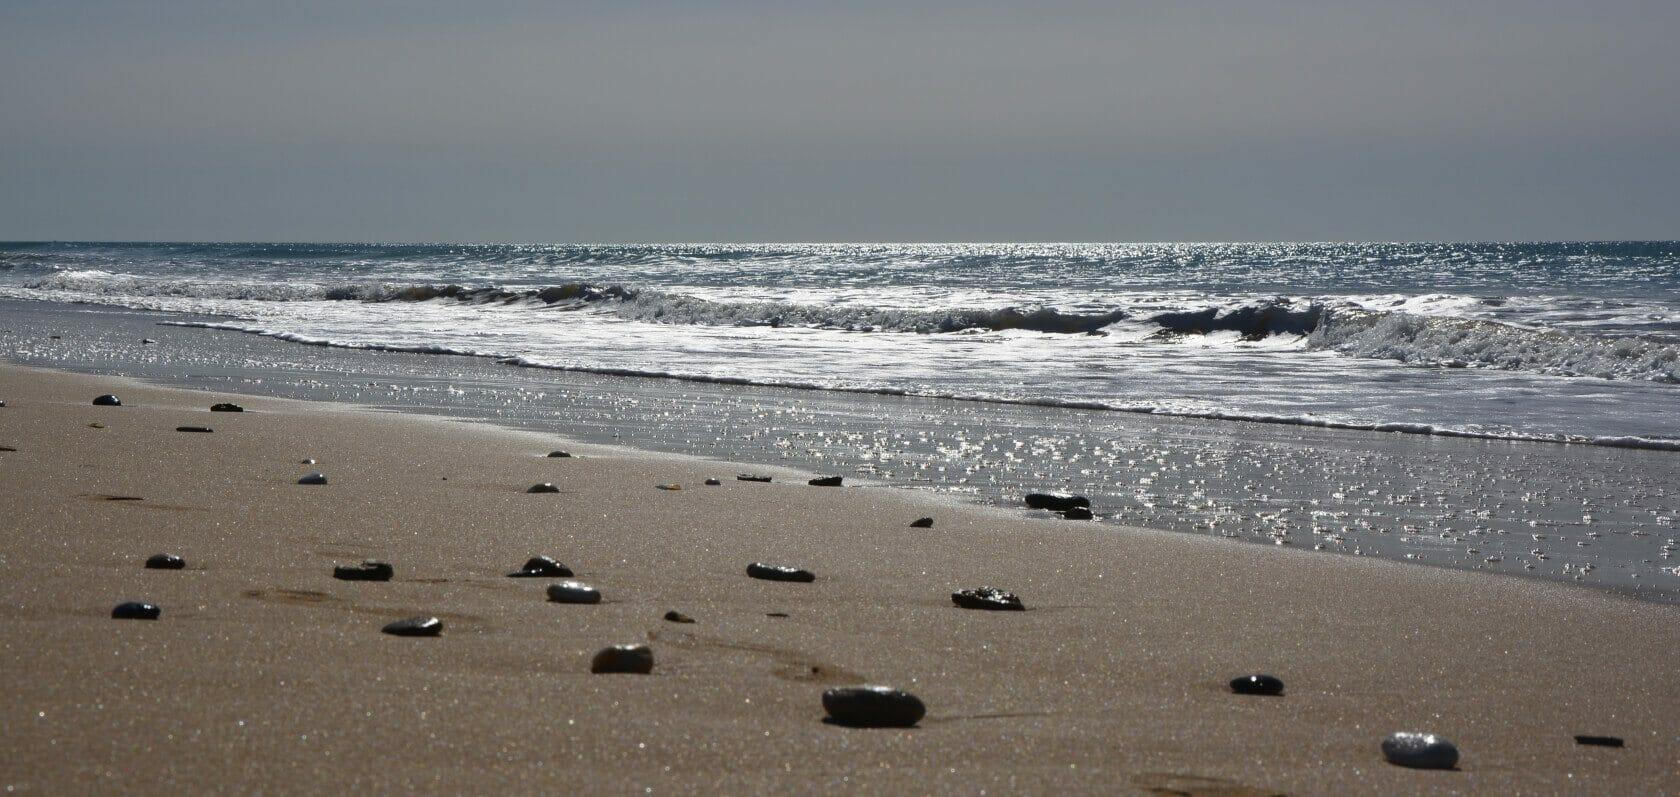 Steine auf Sandstrand am Meer